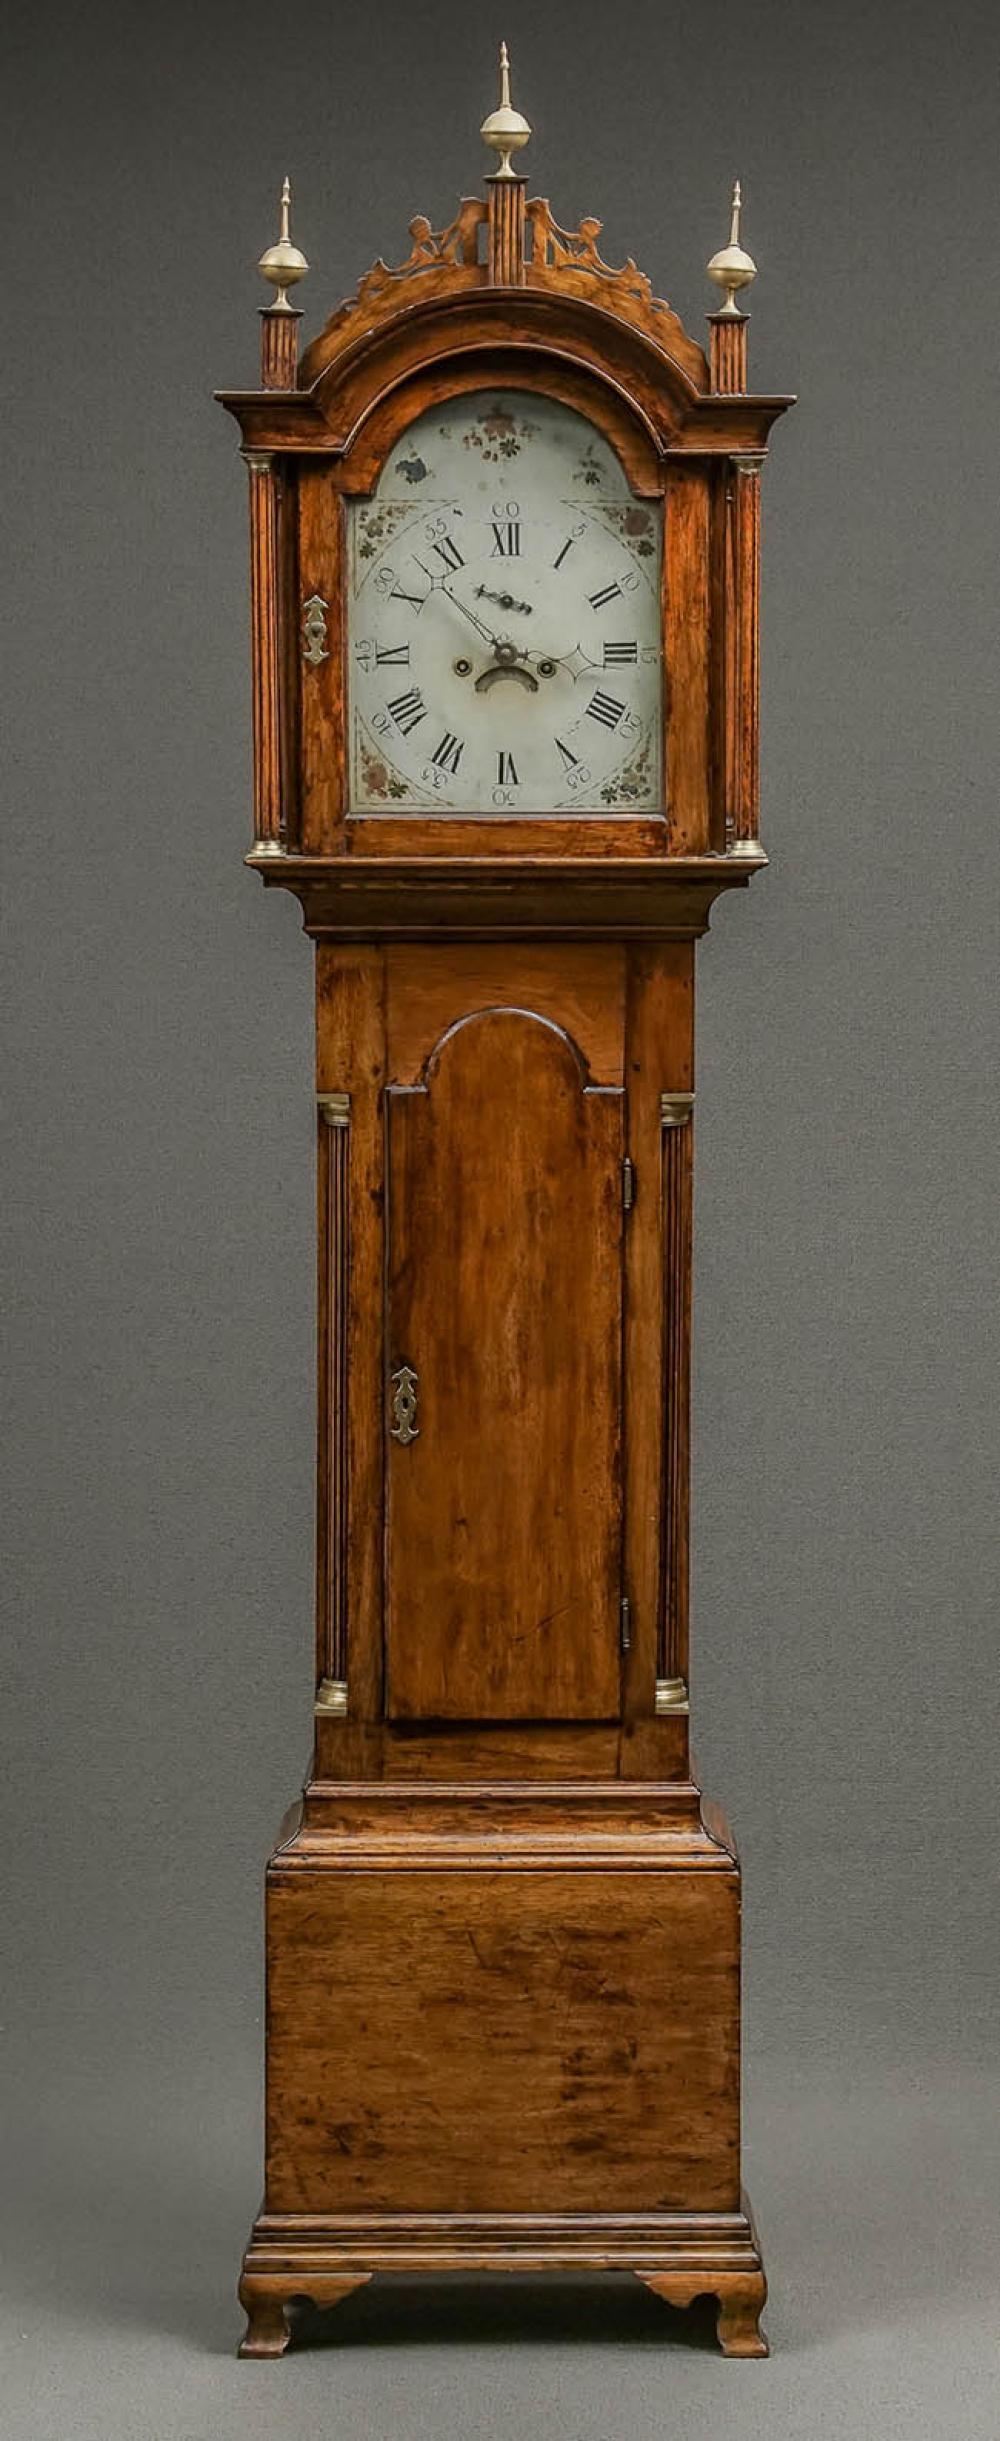 Federal Brass Mounted Walnut Tall Case Clock, Massachusetts, Circa 1800